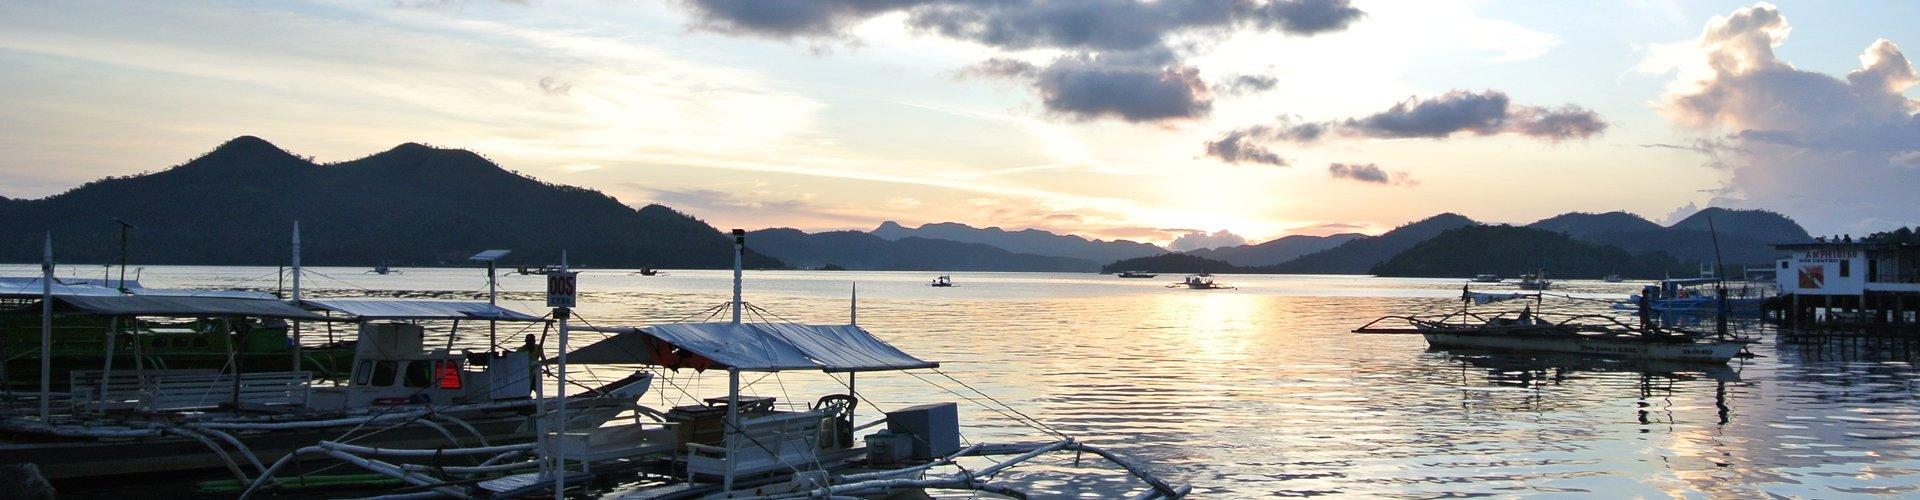 滨滨带我游菲律宾